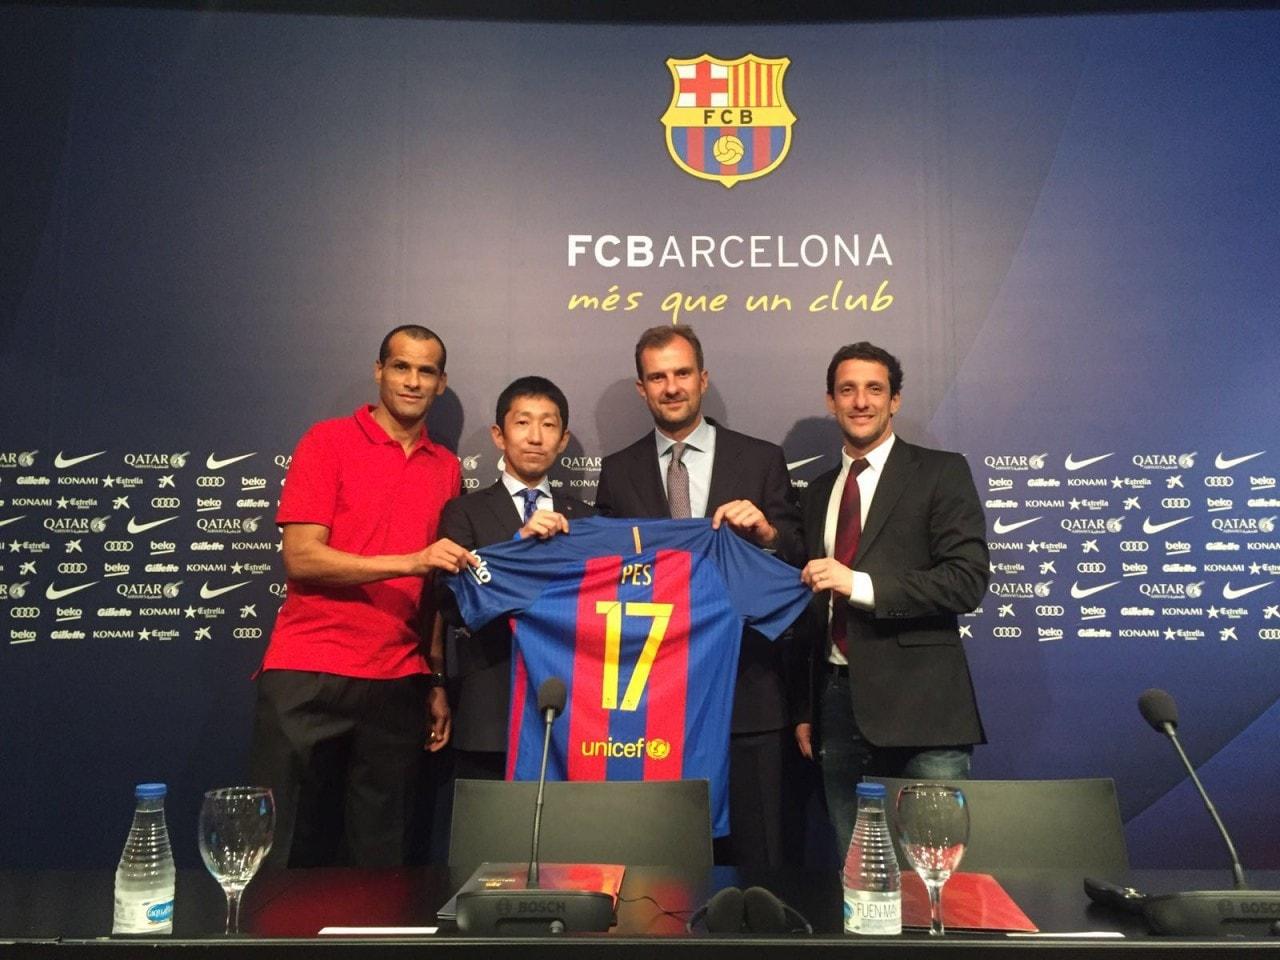 PES 2017 accordo Barcellona